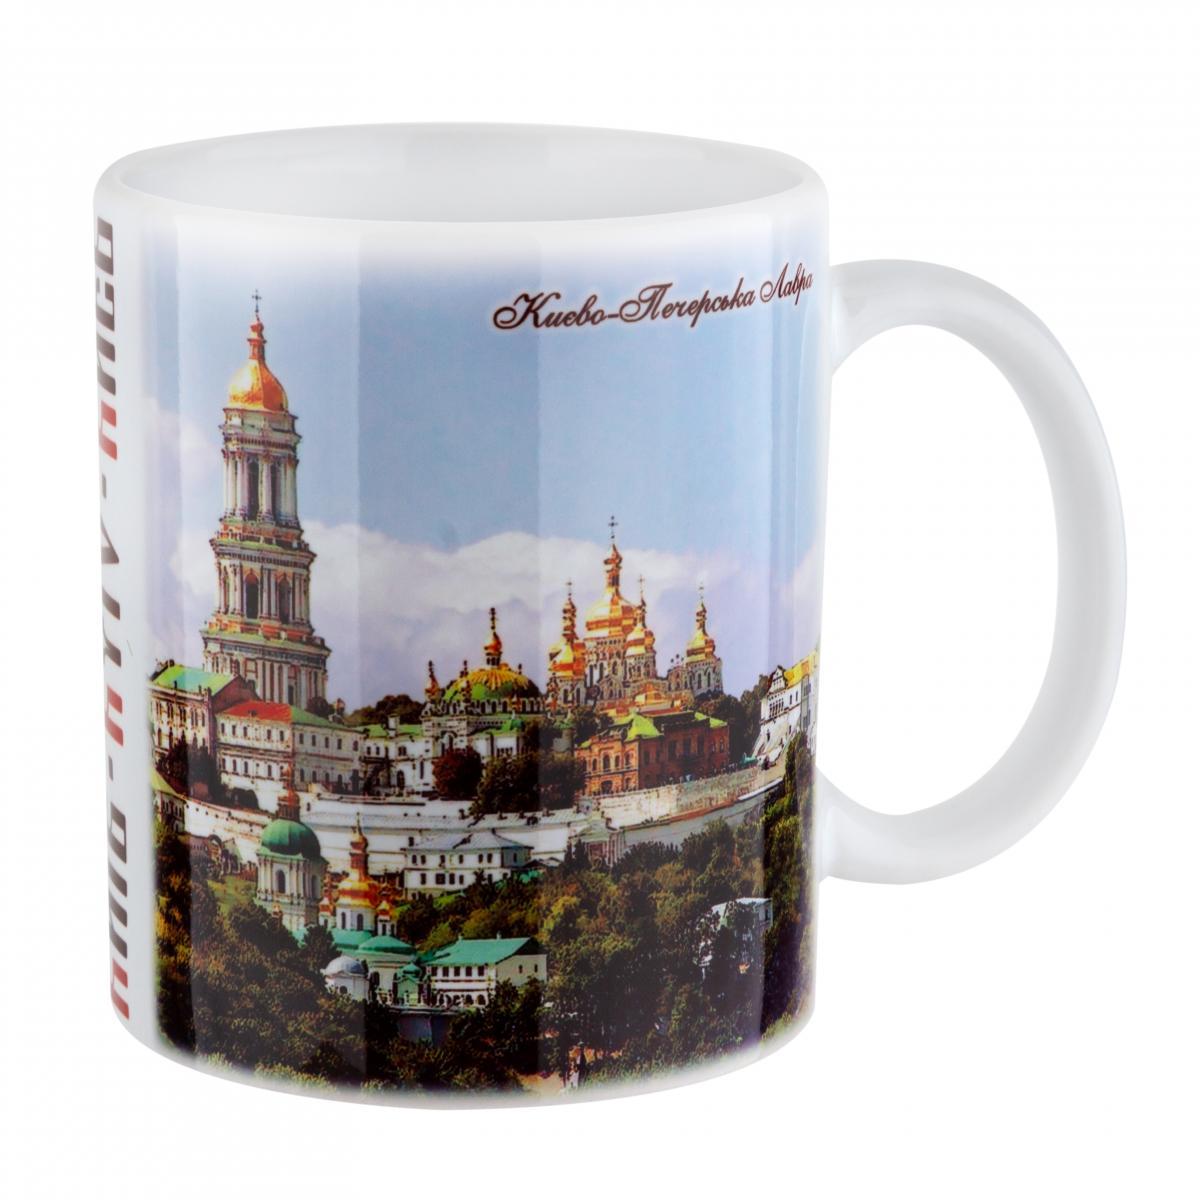 Чашка с Киево-Печерской лаврой и Майданом Независимости